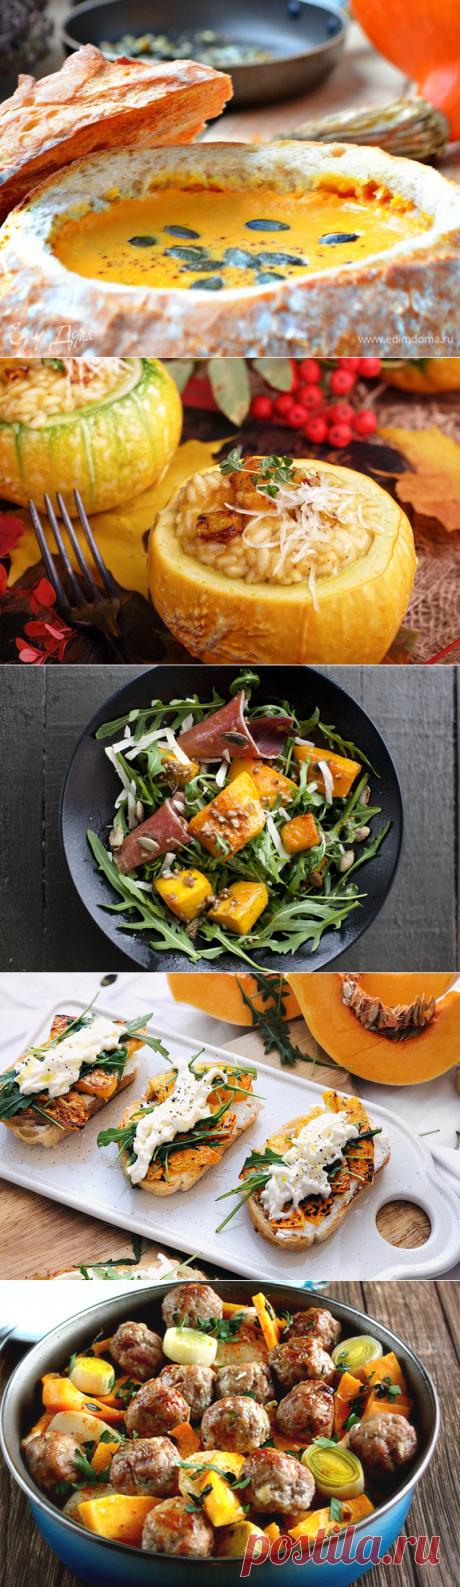 Осеннее меню с тыквой: 15 рецептов от «едим дома». Кулинарные статьи и лайфхаки